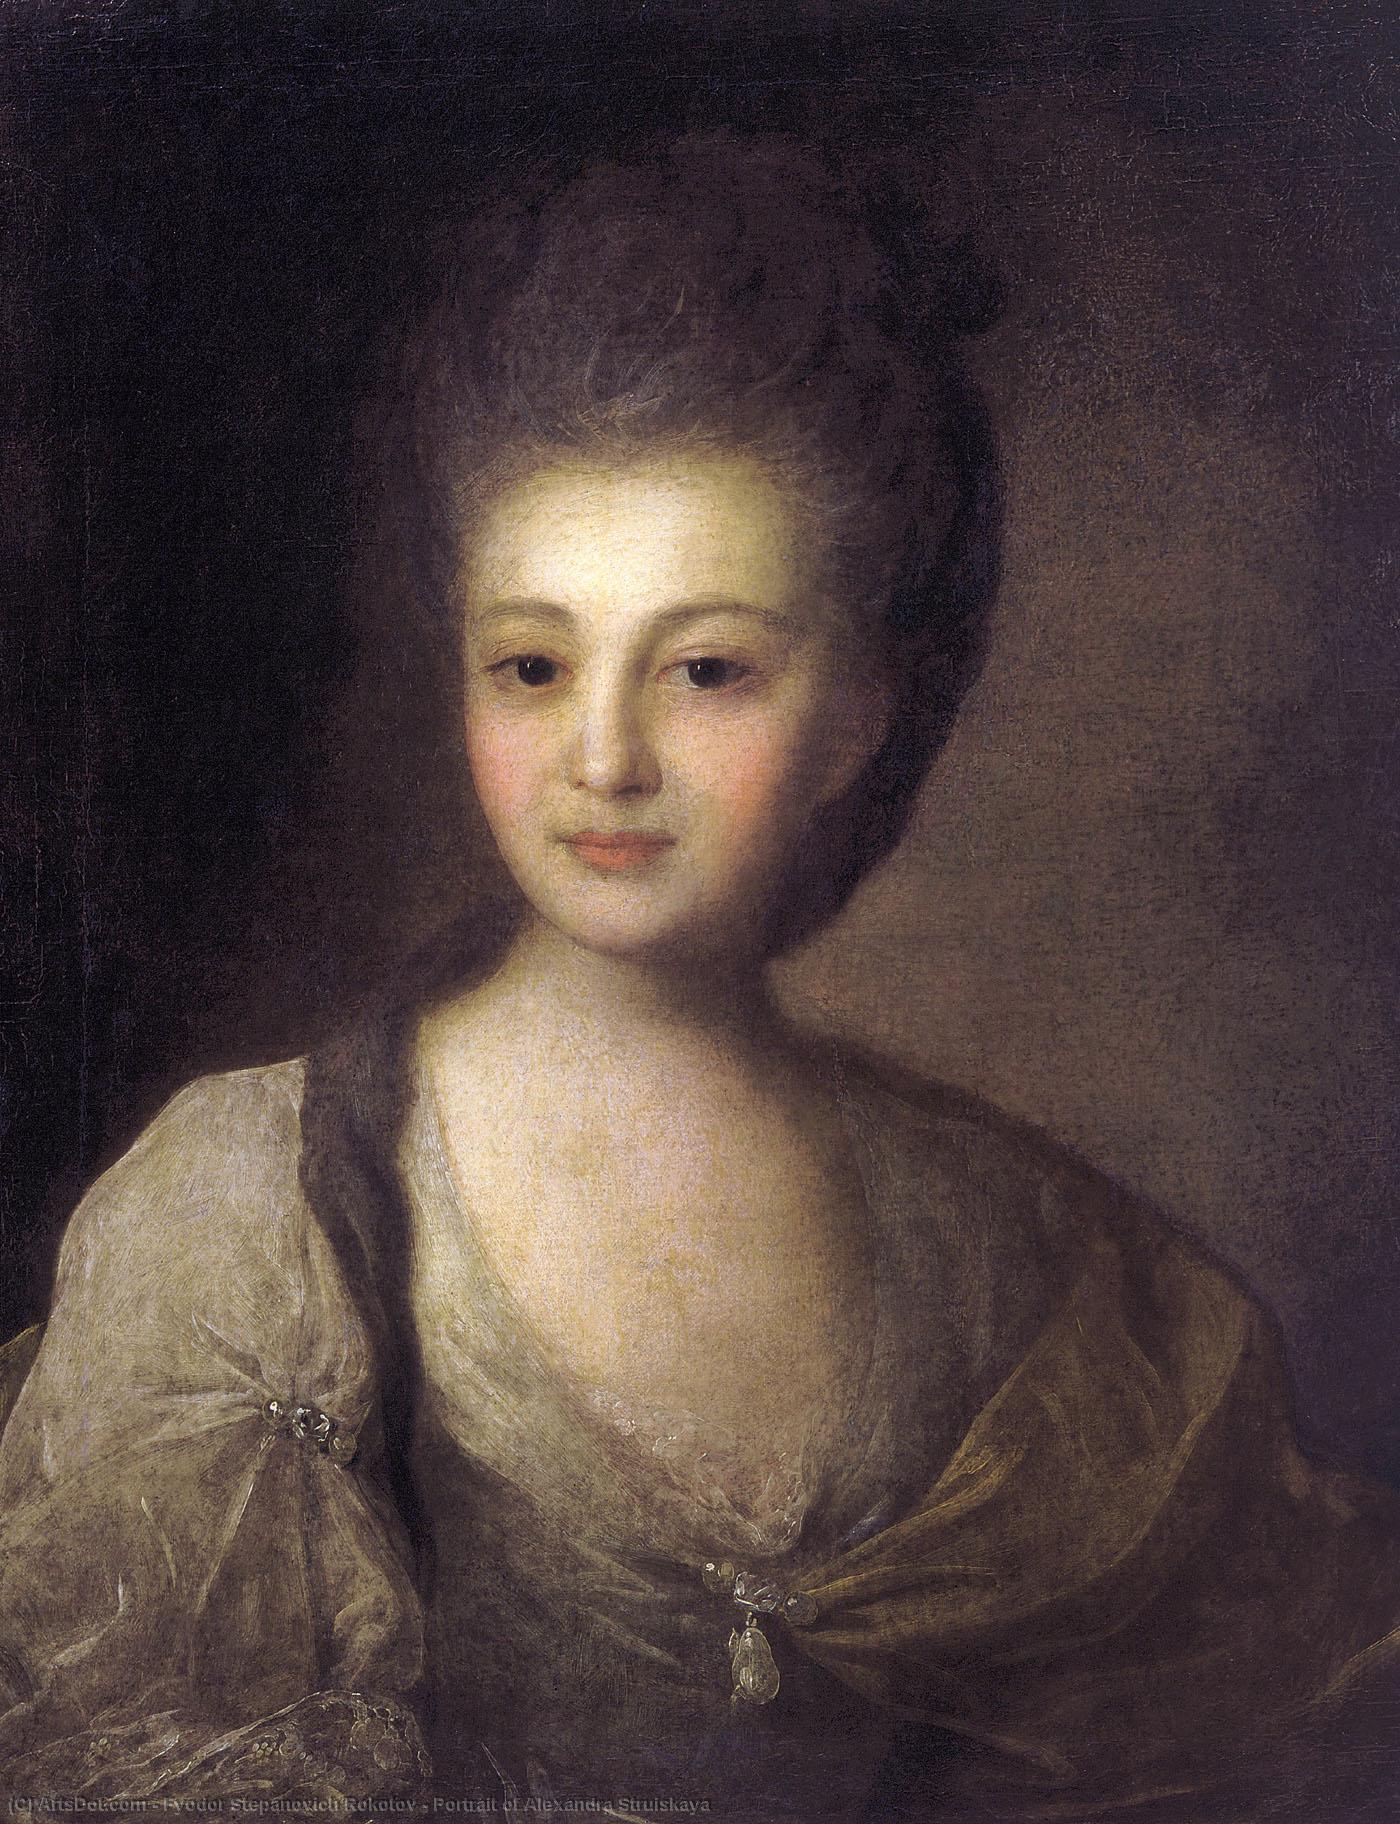 Федор Рокотов, 1772 год, картина «Портрет Александры Струйской»